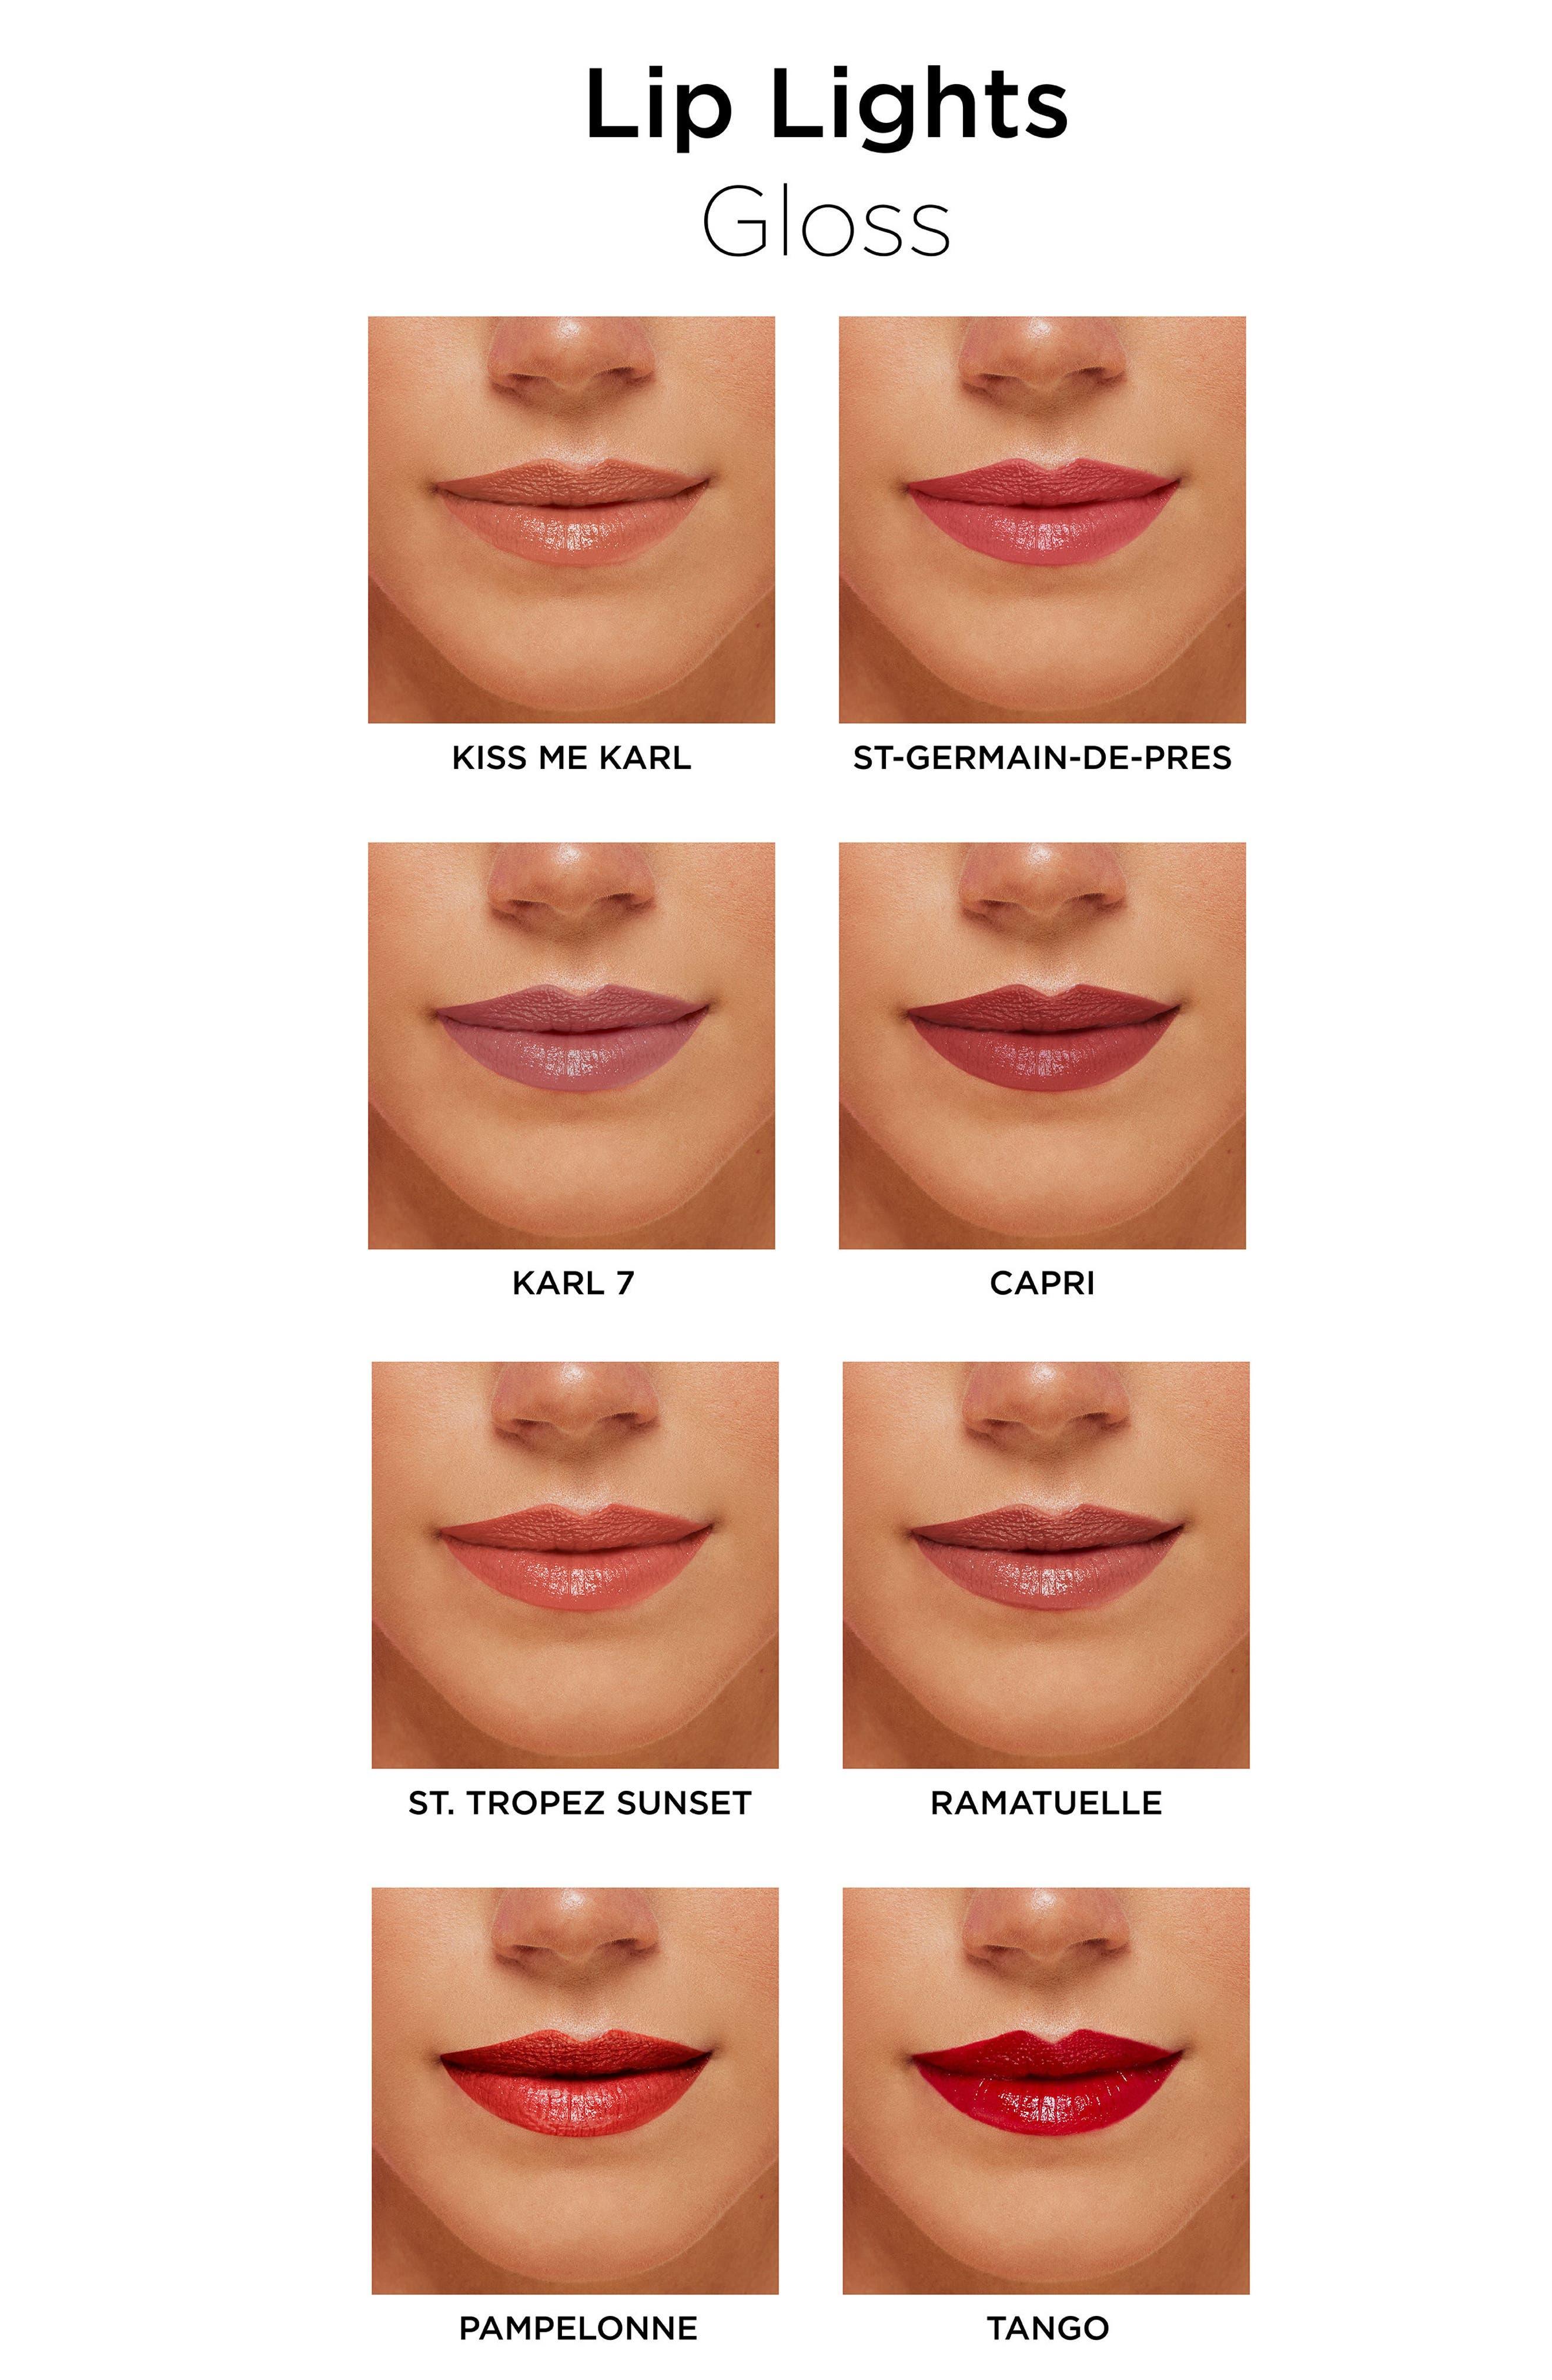 KARL LAGERFELD + MODELCO Kiss Me Karl Lip Lights Lip Gloss,                             Alternate thumbnail 11, color,                             200